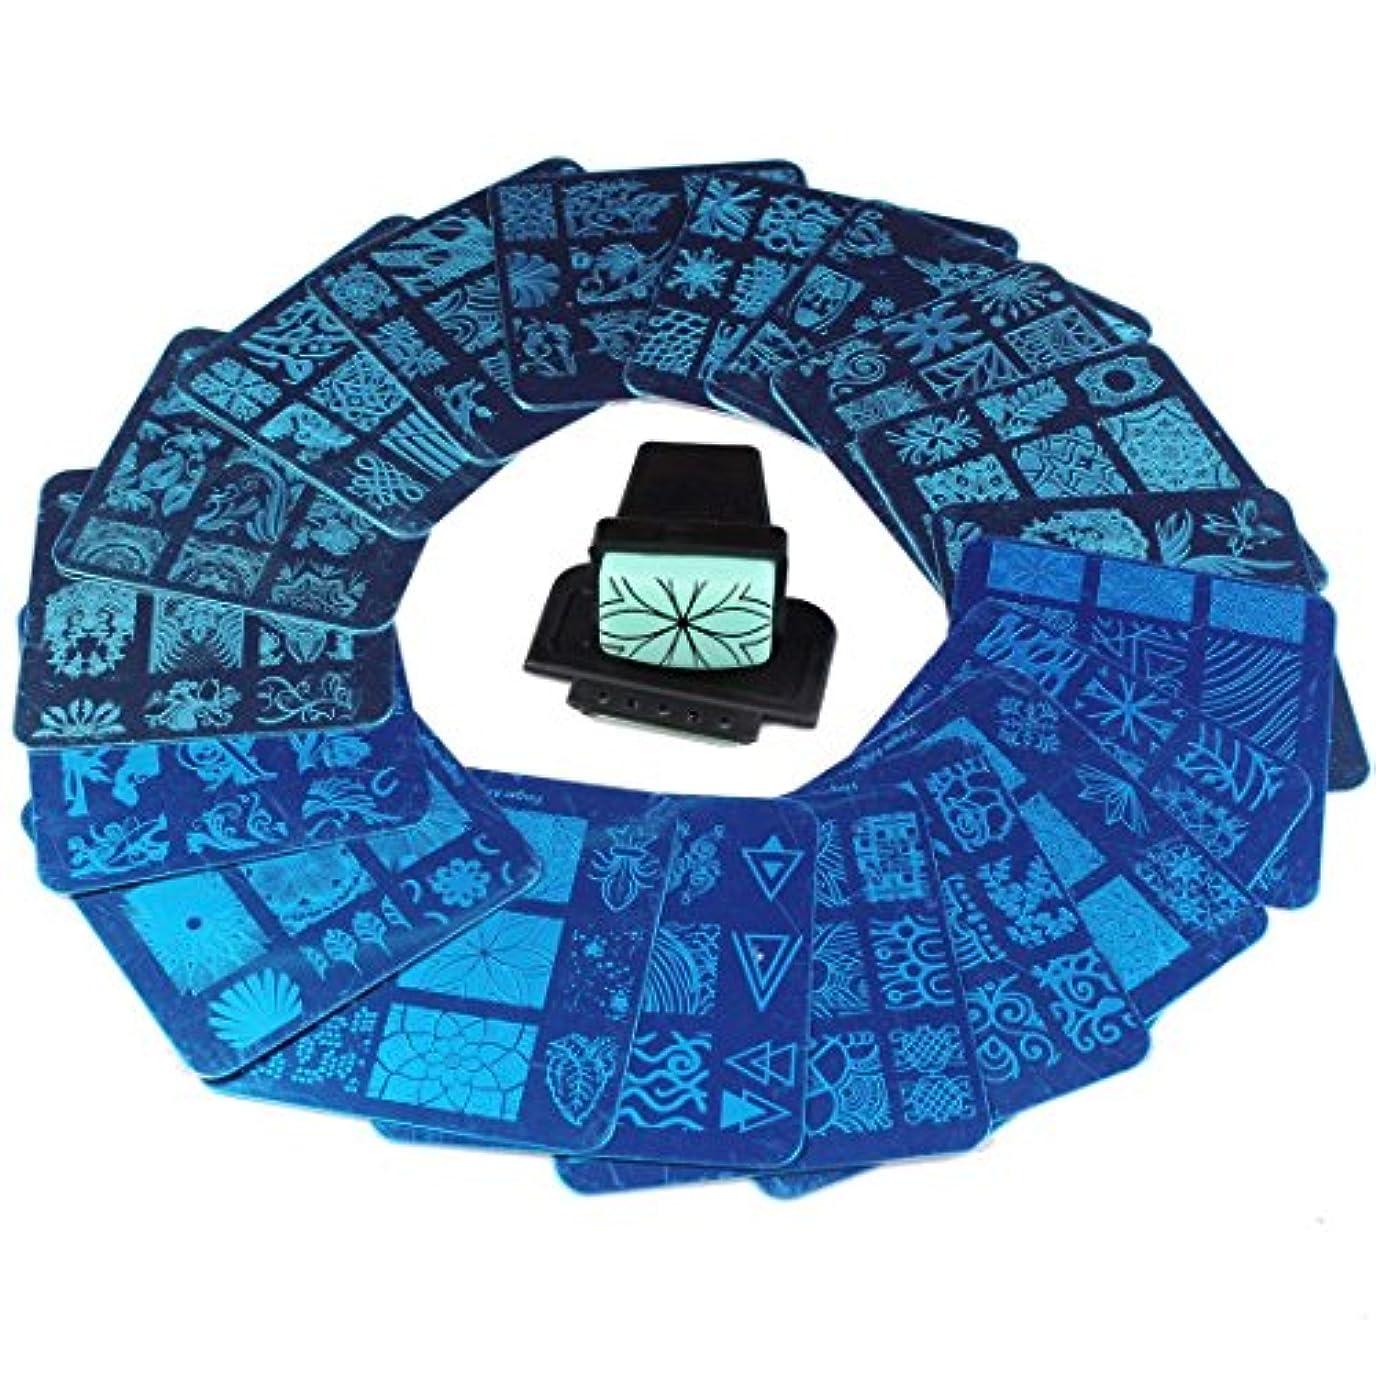 乱れ窓馬鹿FingerAngel ネイルイメージプレートセット ネイルプレート 正方形20枚 付き ネイルサロンも自宅も使えるネイルプレート